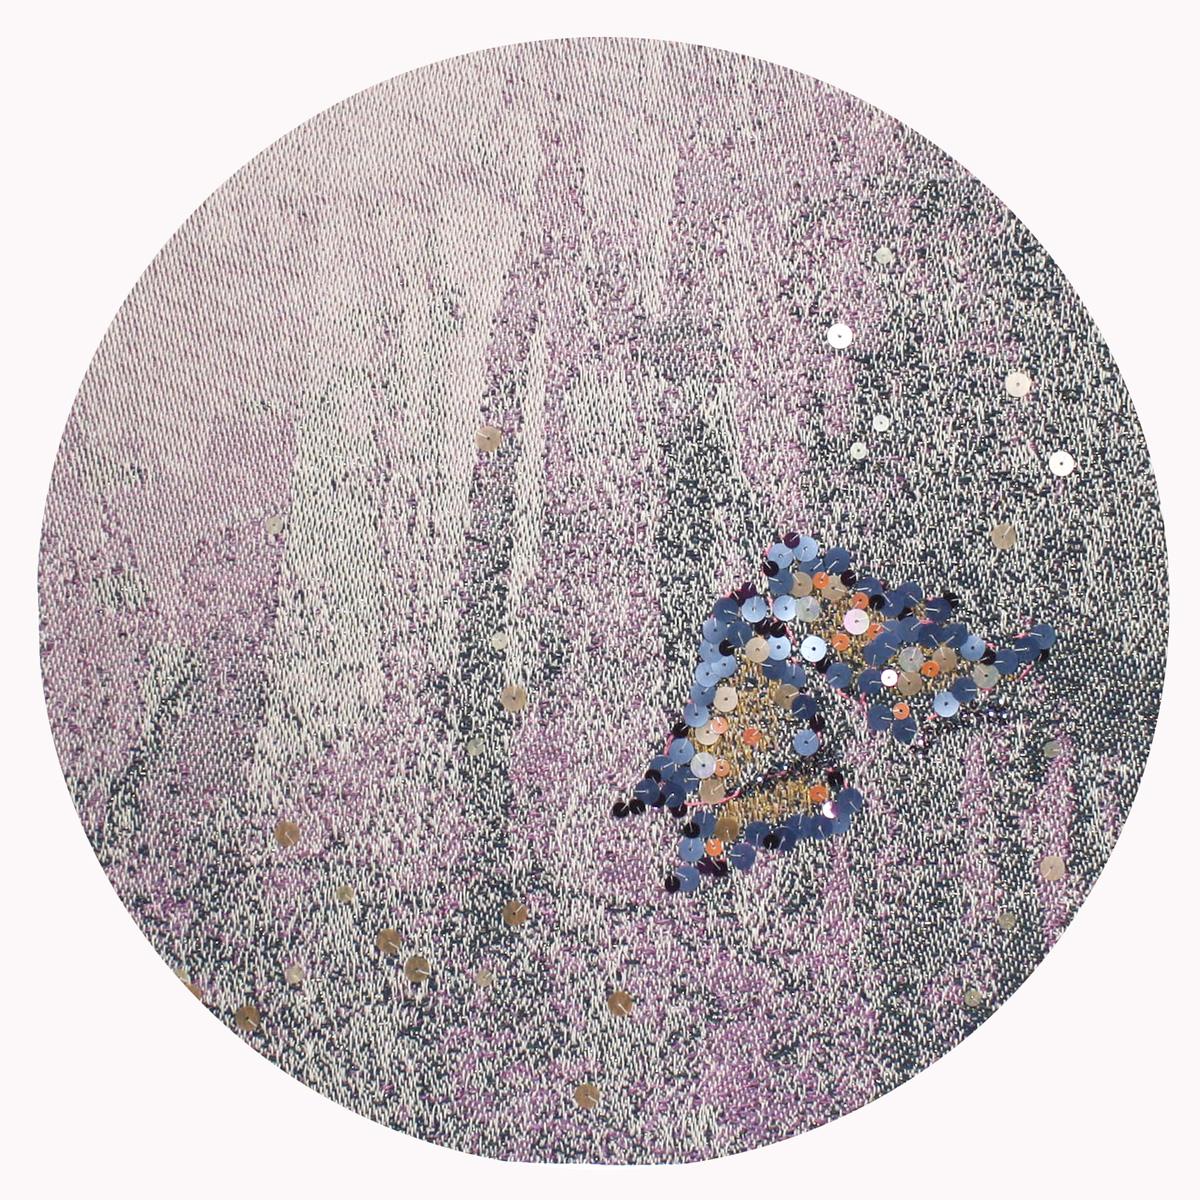 李偵綾 織畫 作品 的顯像必須將圖稿經過繁複的意匠工序轉譯成織紋組織結構的變化,再經費時費力的整經穿綜,數萬道丟梭打緯使經緯交織而成。風景園林與時間季節交疊,穿梭其中,這些景致讓觀者尋覓解讀隱含意義,並且企圖透過形式的安排,讓風景、園林、 藝術 或 紡織 等這些承載著與人息息相關的文化意義得以顯現。